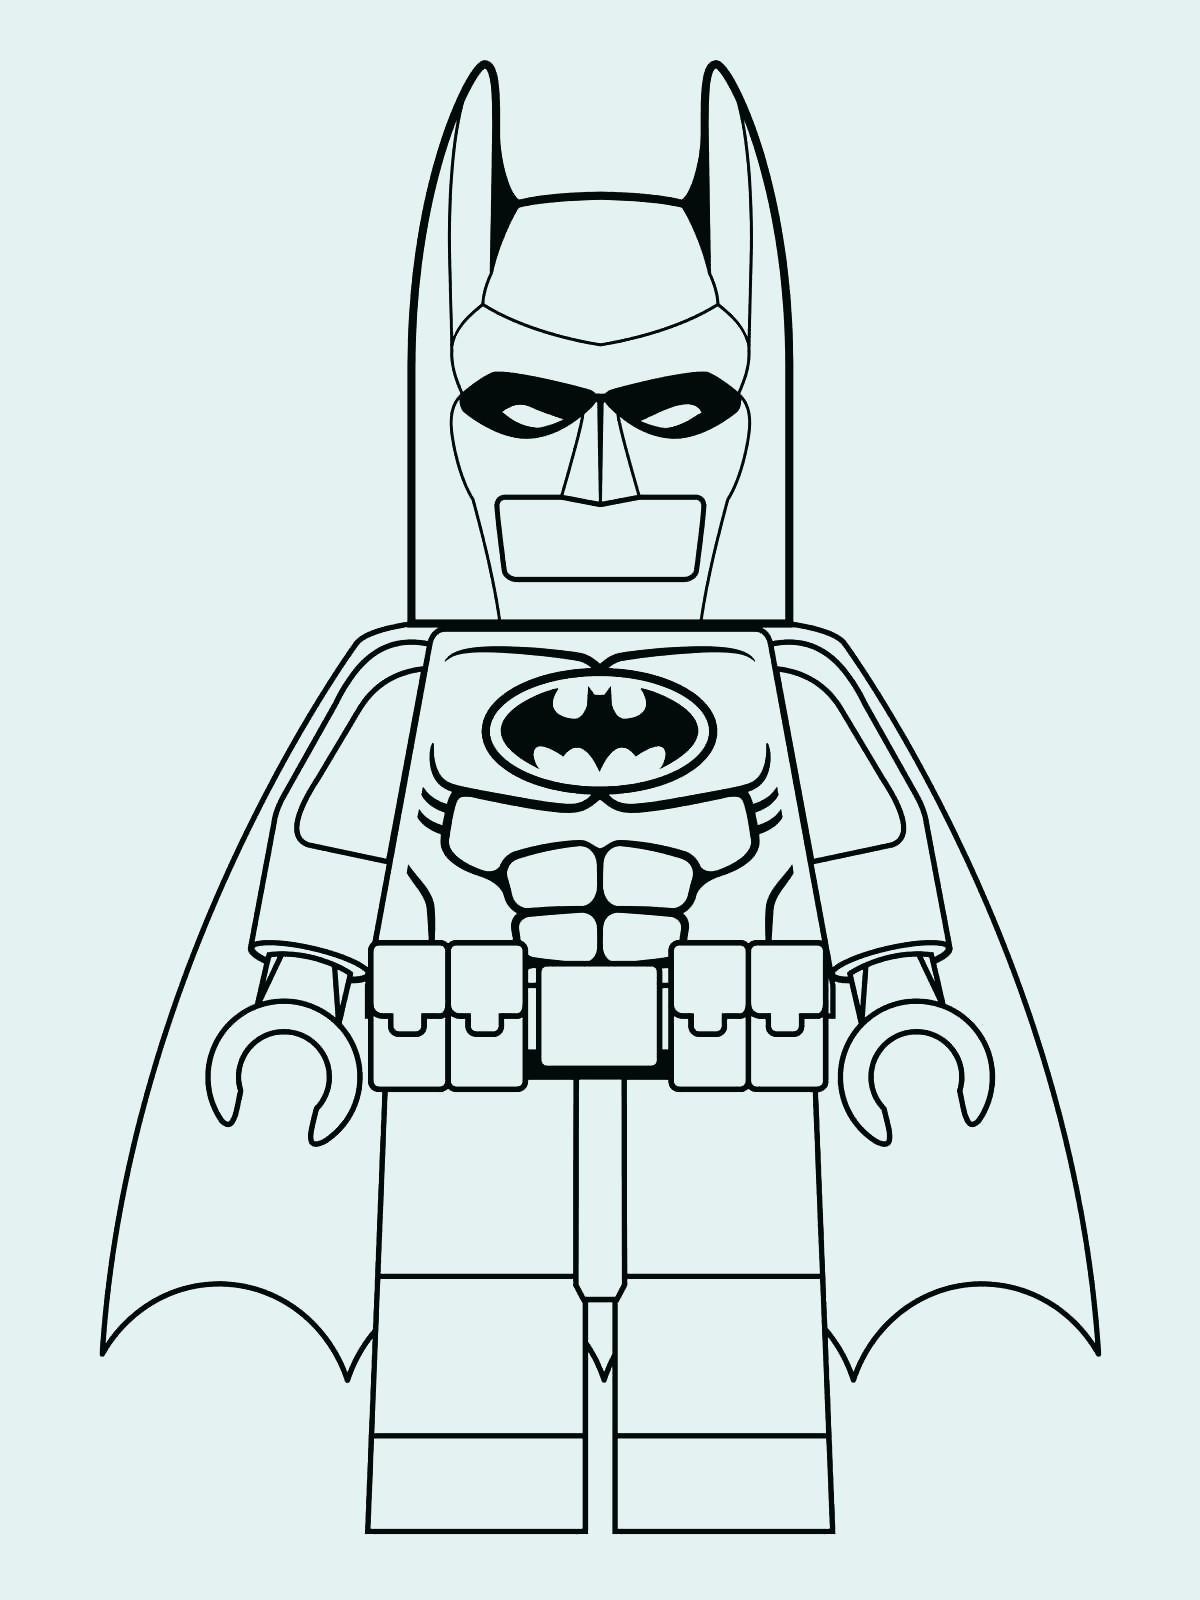 Ausmalbilder Kostenlos Ninjago Neu Verschiedene Bilder Färben Lego Ninjago Movie Ausmalbilder Schön Sammlung